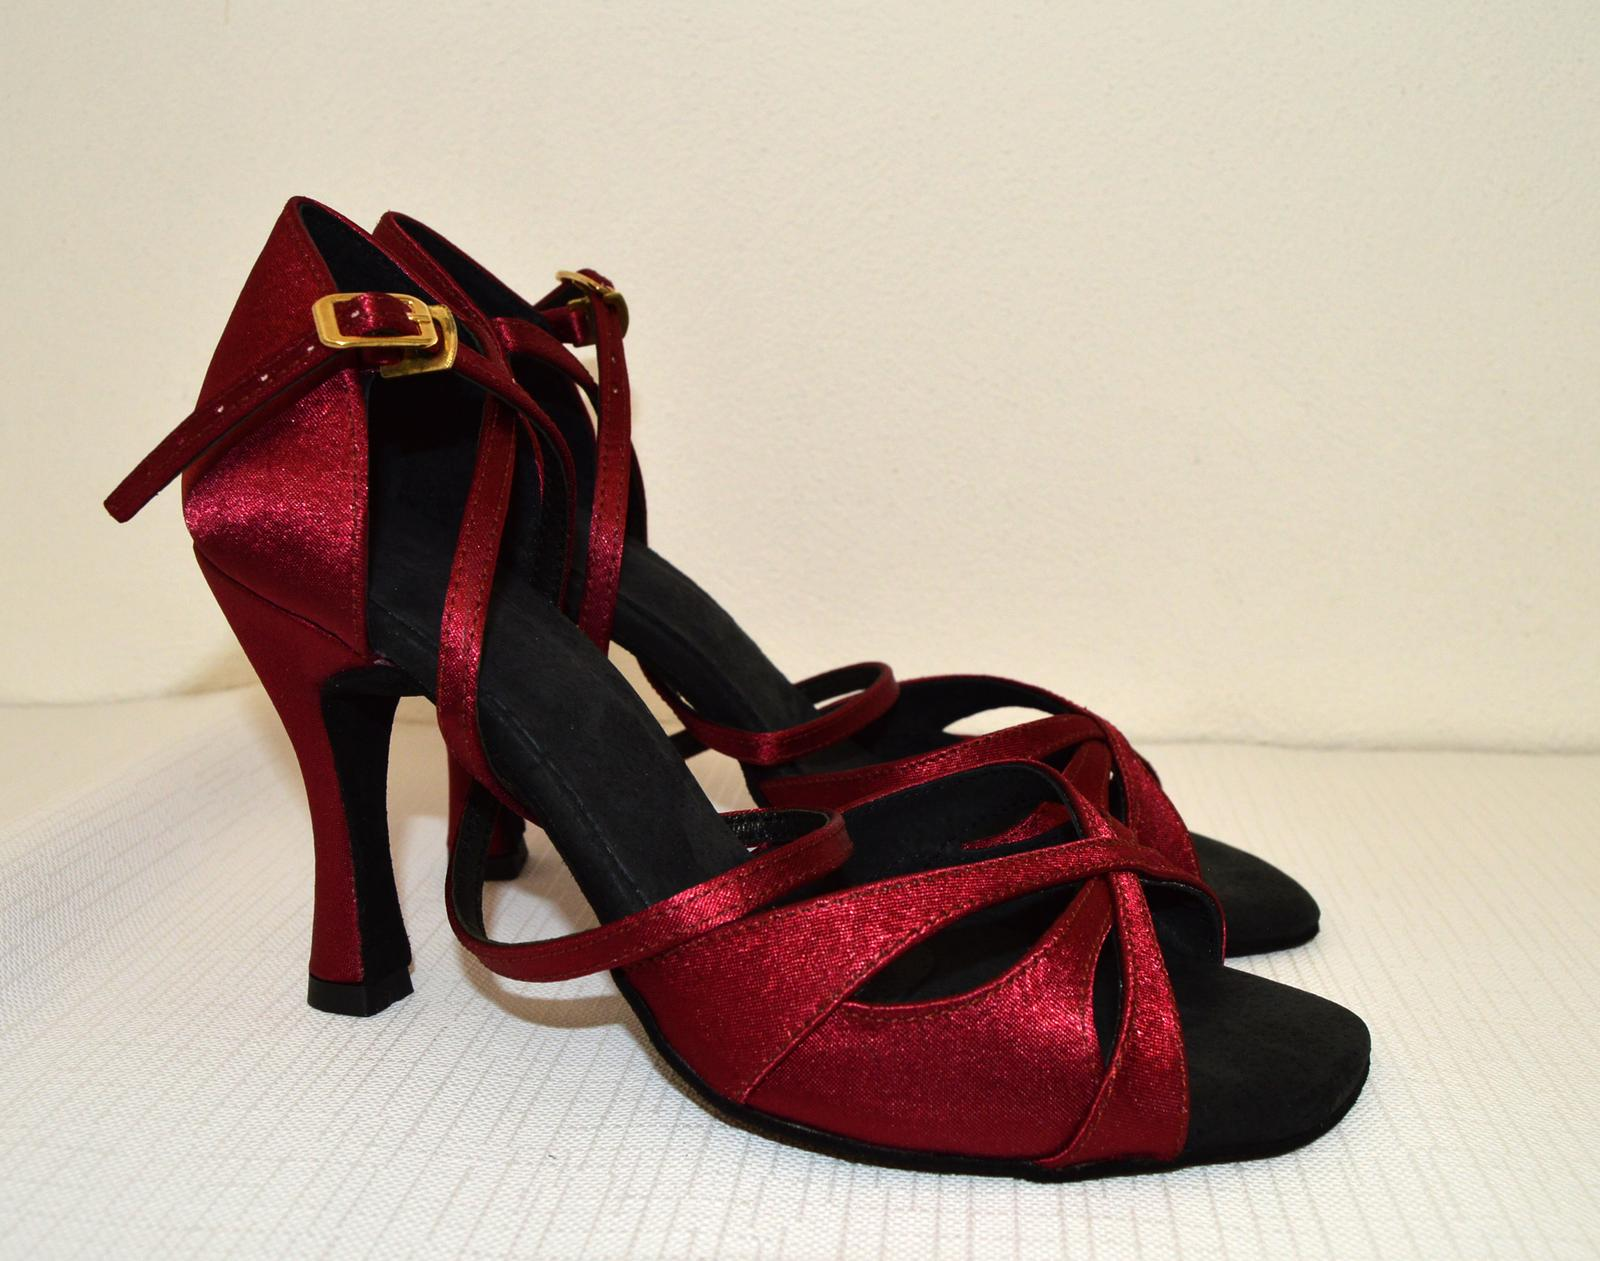 Svadobné topánky s úpravou na želanie - inšpirácie bordó, hnědá, čokoládová - Svadobná - popolnočná obuv? spoločenské sandálky zhotovené v pohodlnom tanečnom štýle, model Vivien satén bordó - úpravy podľa želania klientky